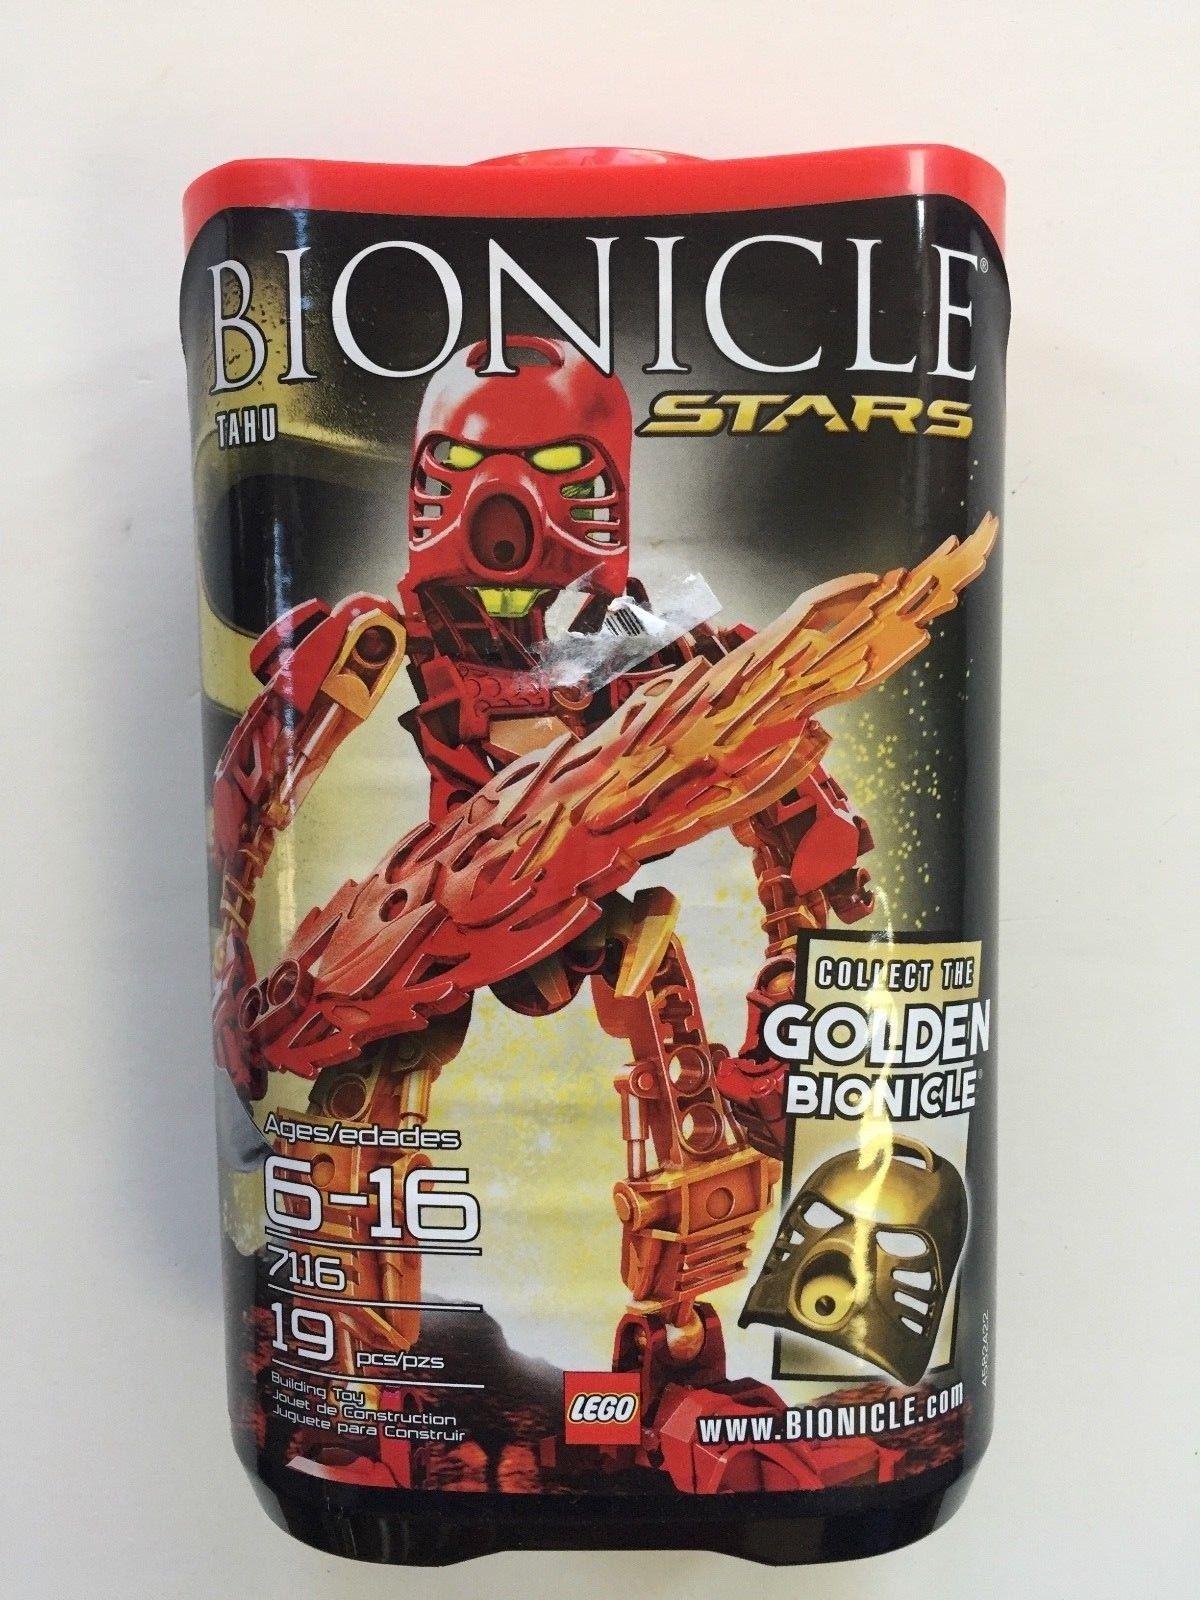 bionicle2.jpg